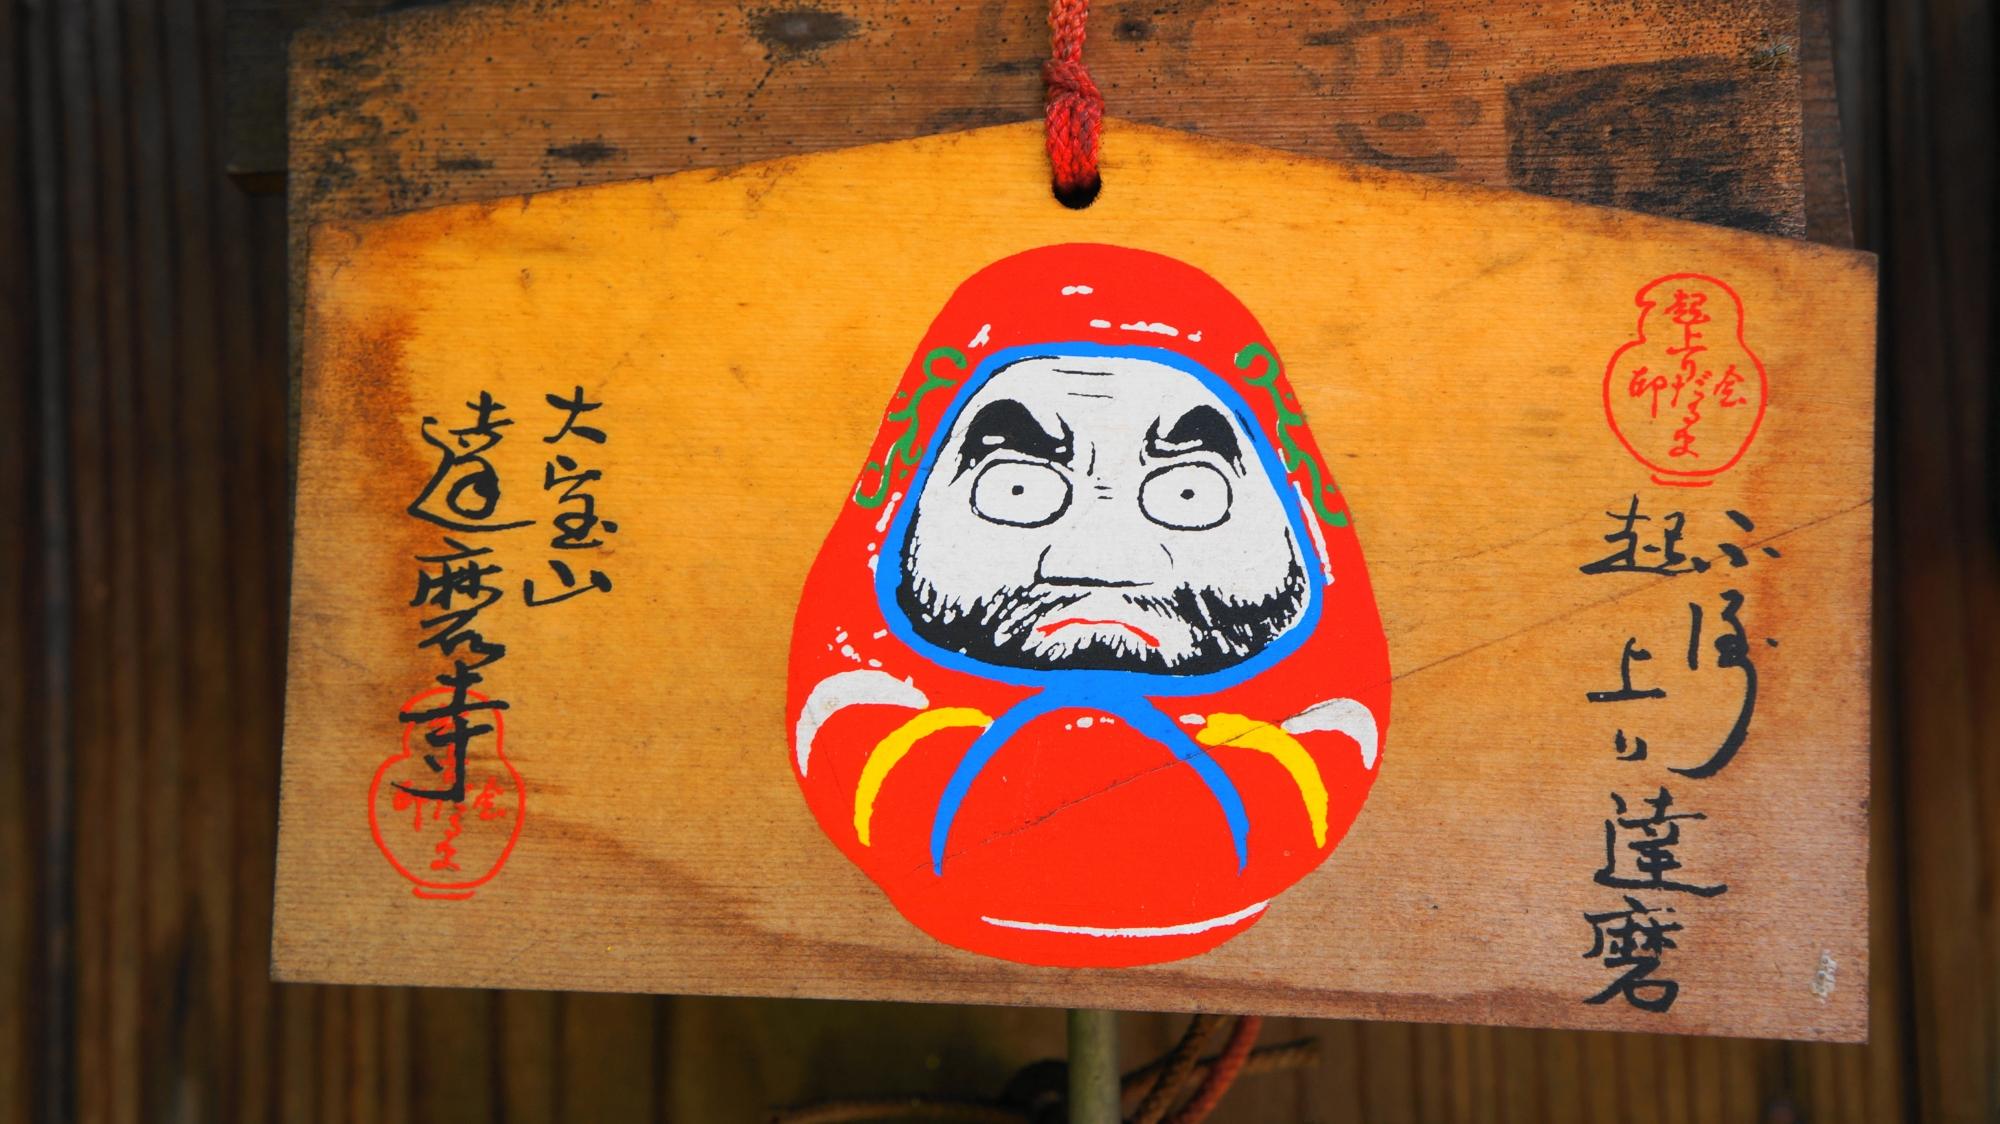 達磨寺のだるまさんの絵馬